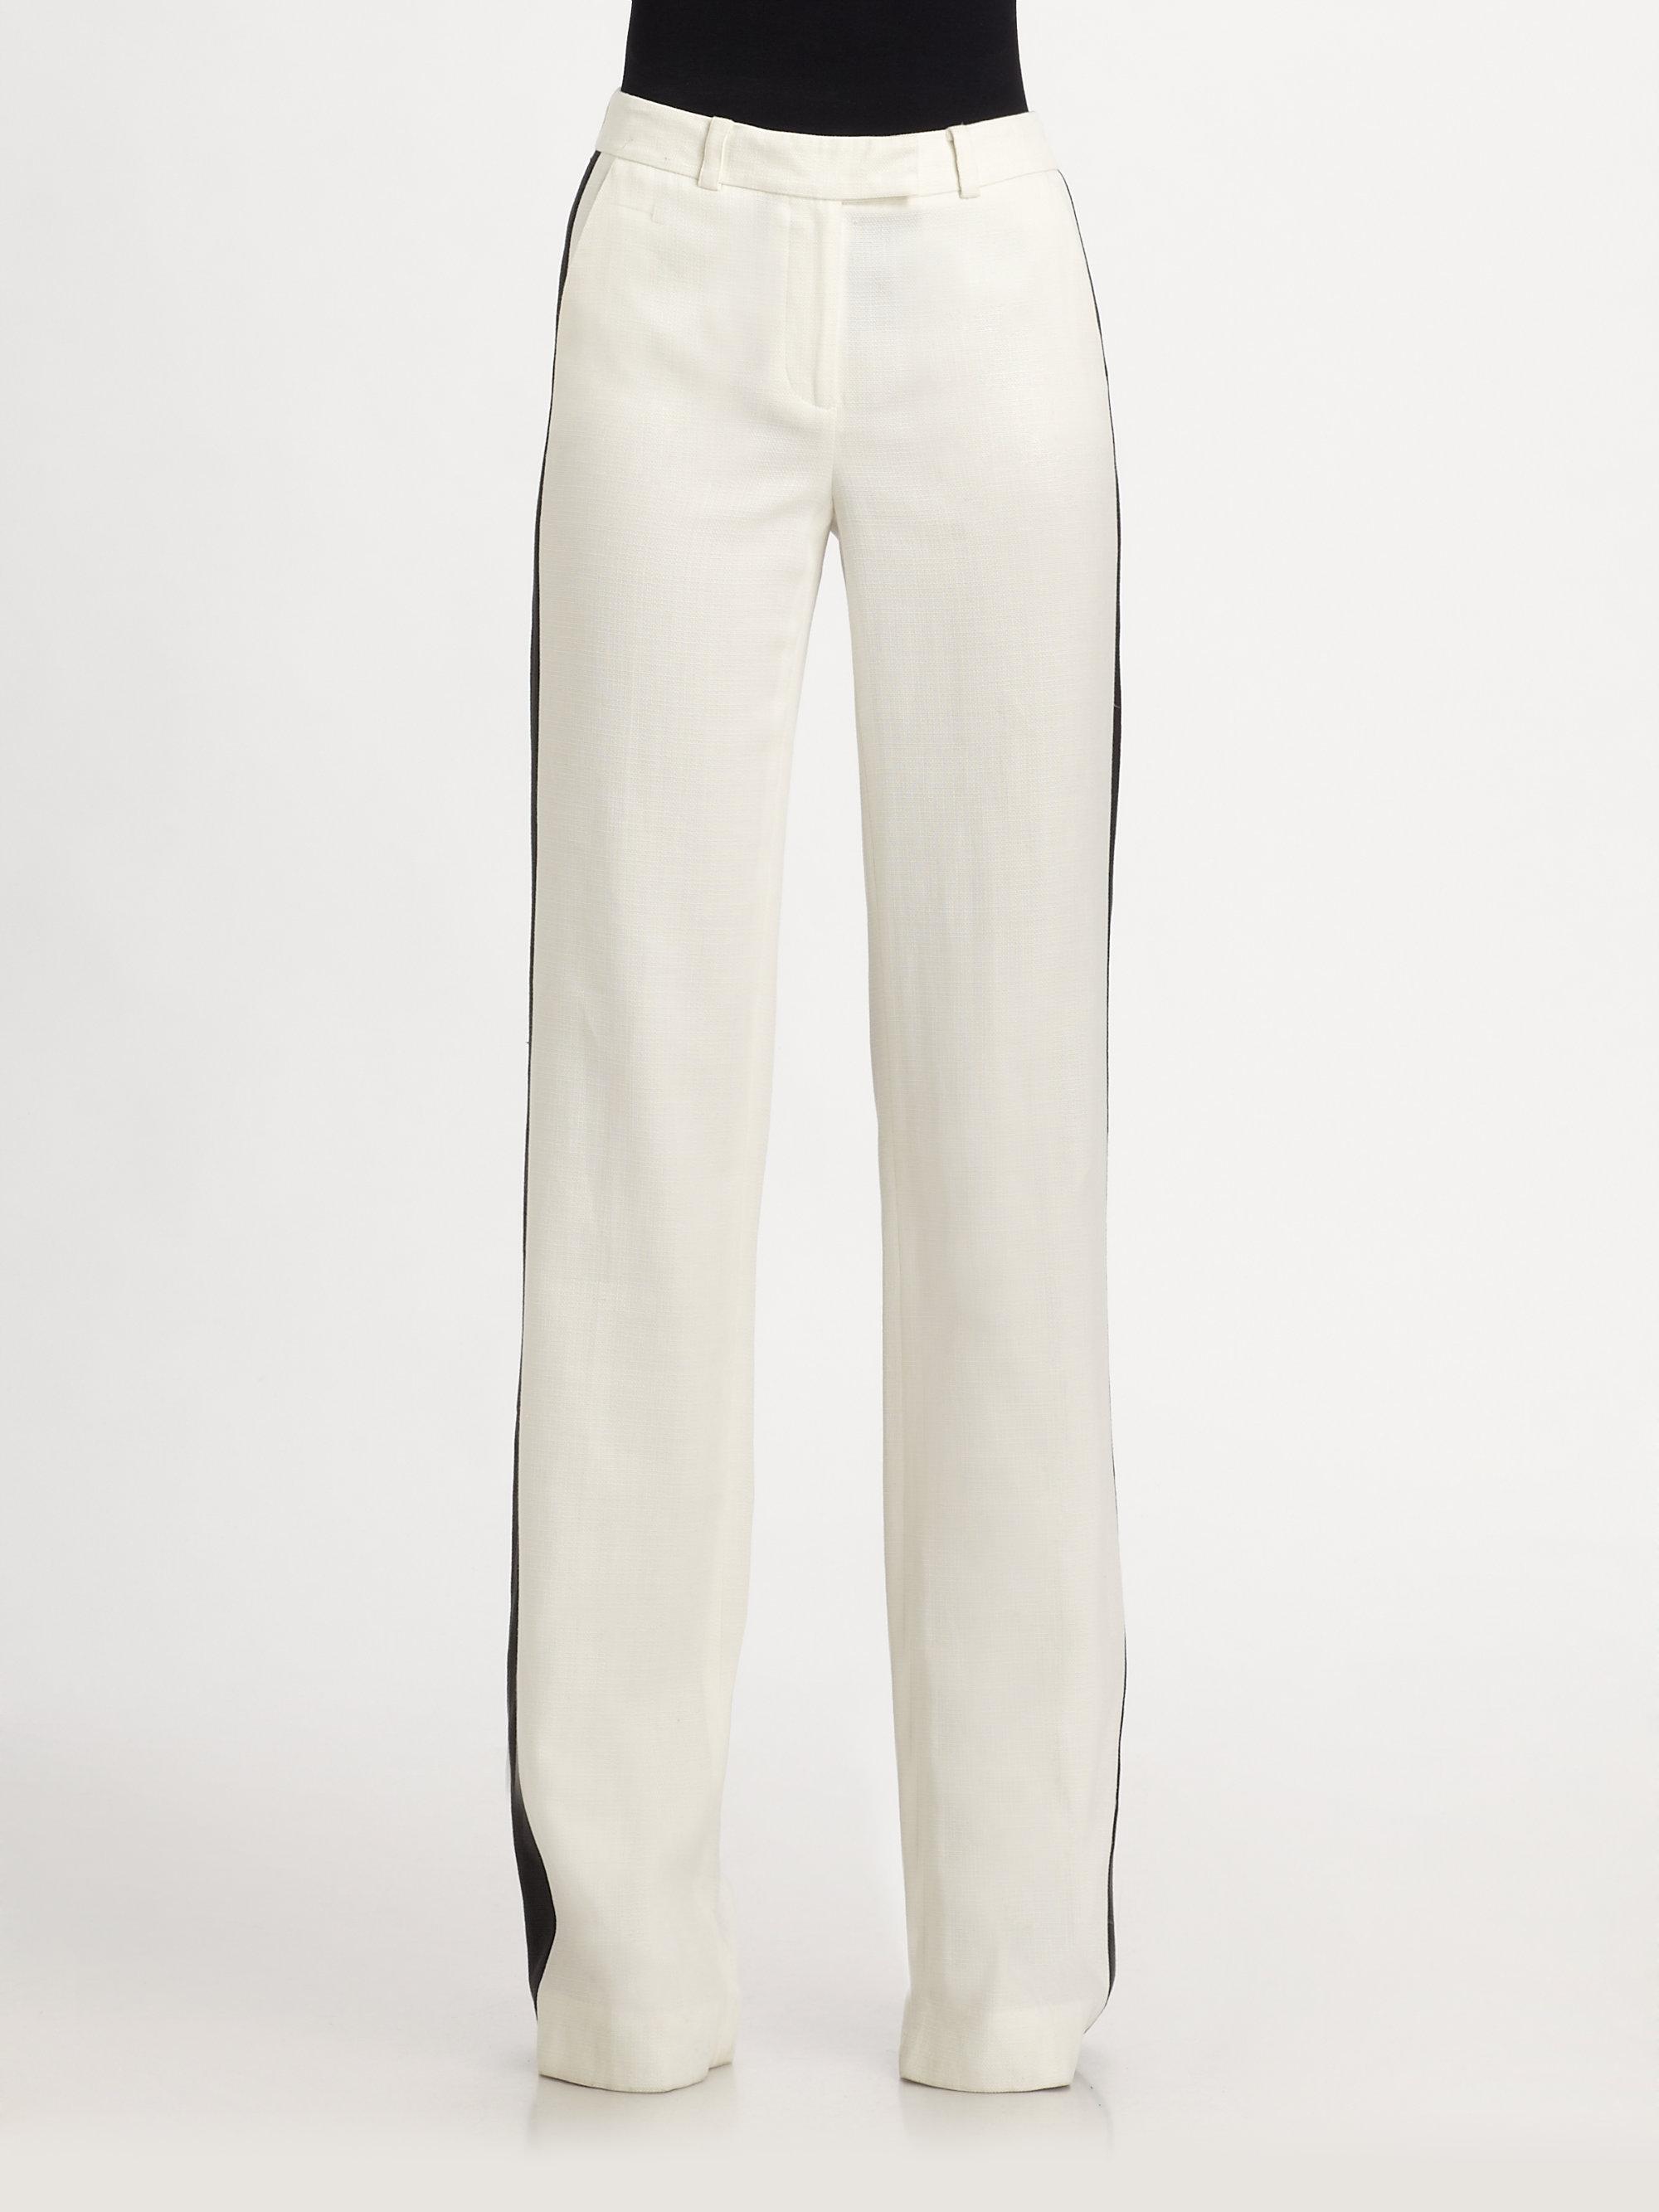 Rachel zoe Jett Wideleg Tuxedo Pants in White | Lyst